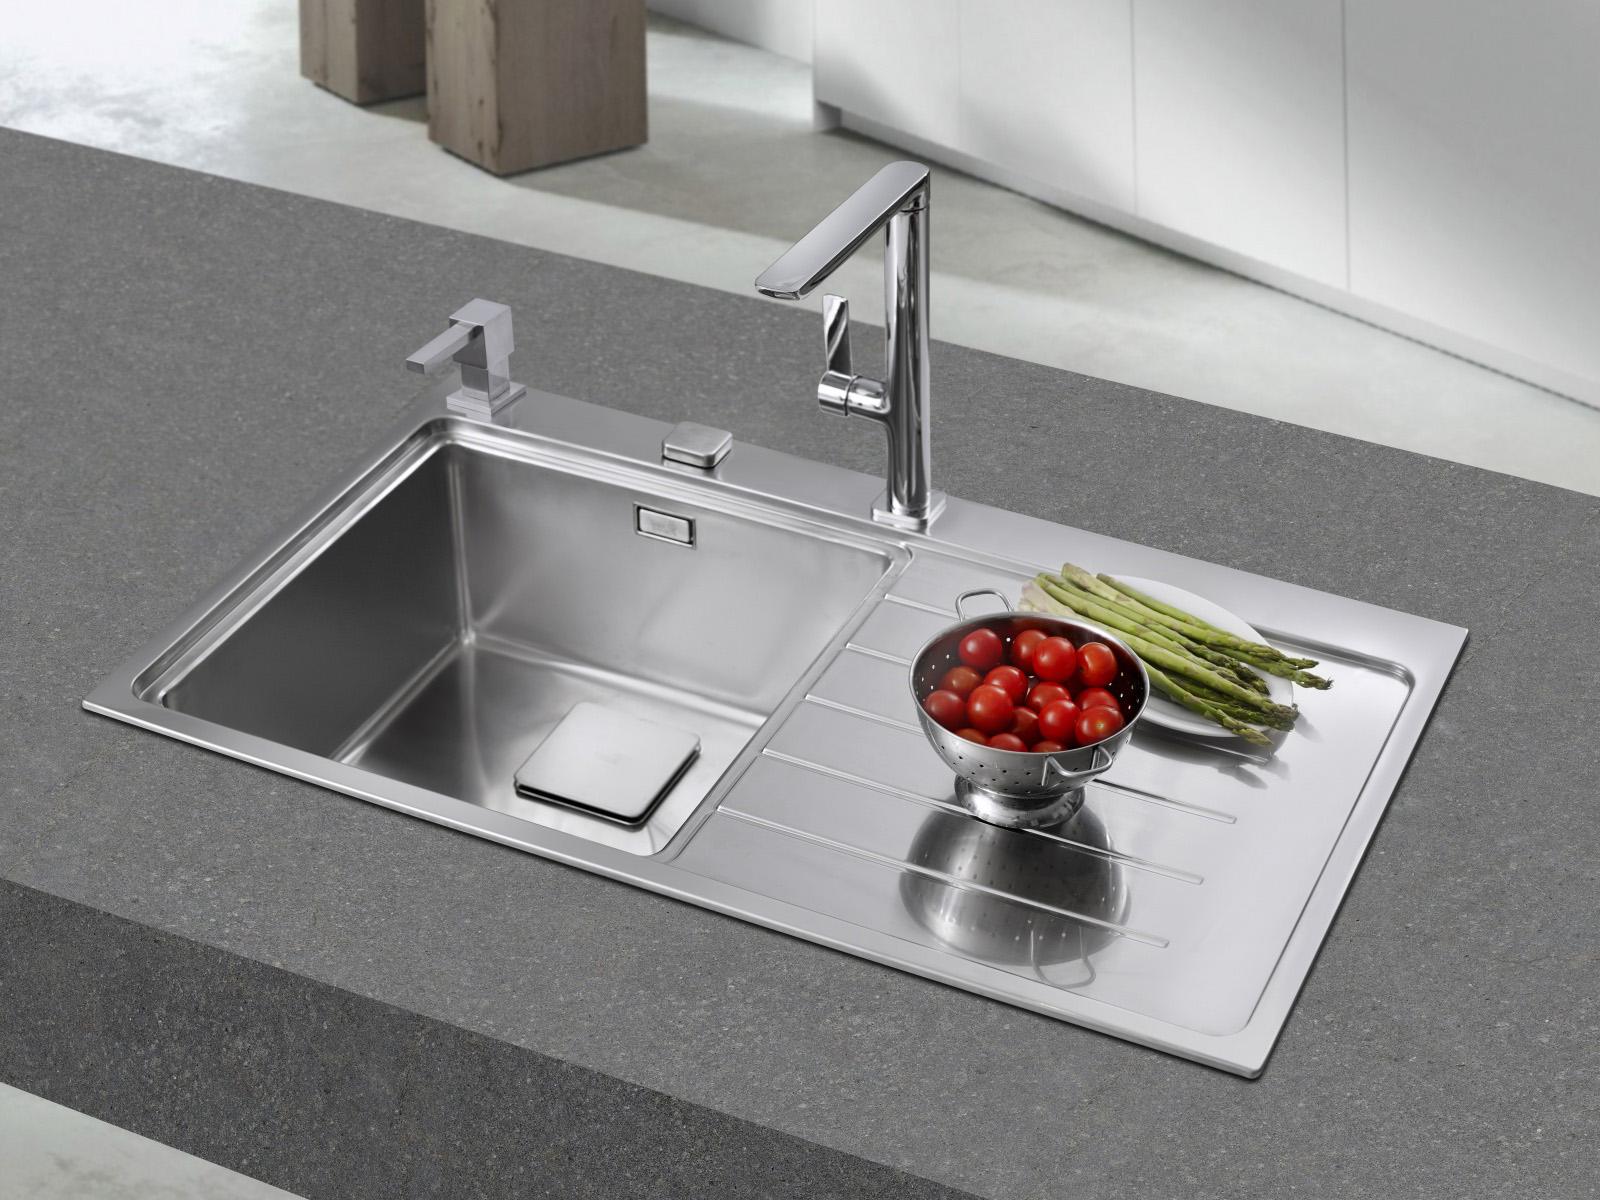 Teka Zenit 1B 1D Edelstahl Küchenspüle Links Einbauspüle Spüle +Zub ...